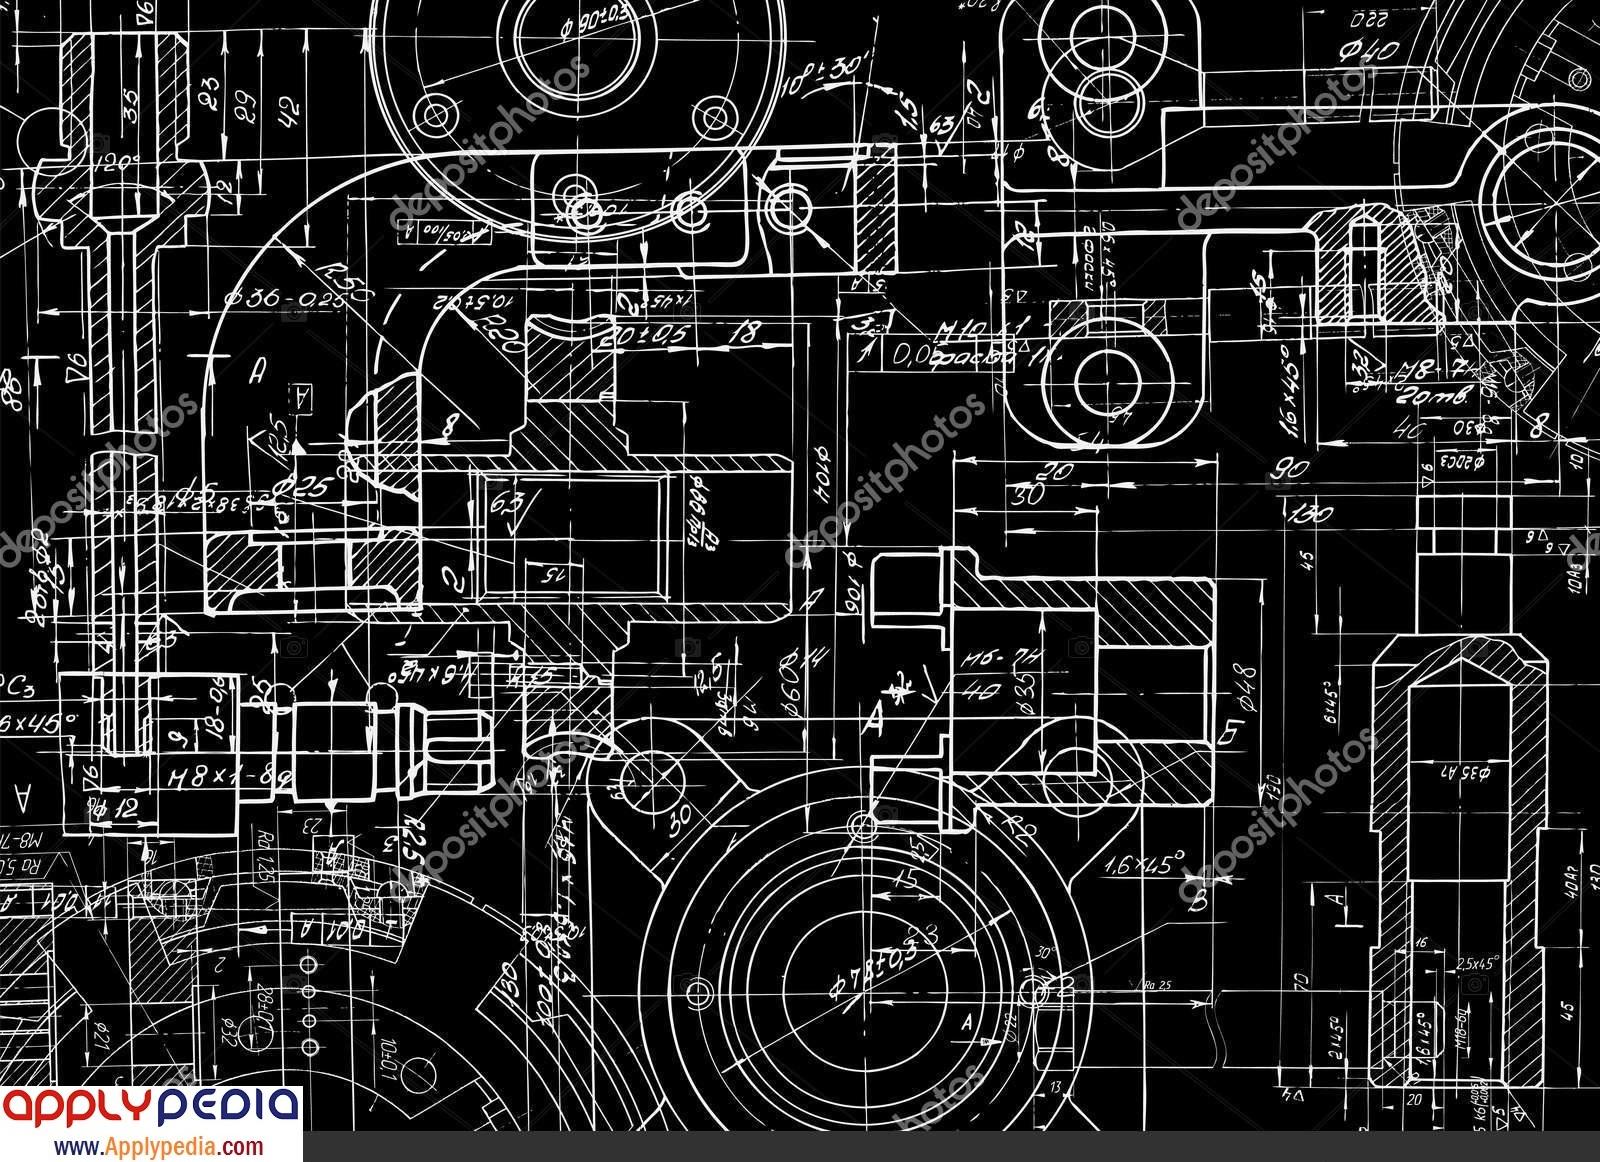 مهندسی مکانیک، تحصیلات بین المللی،